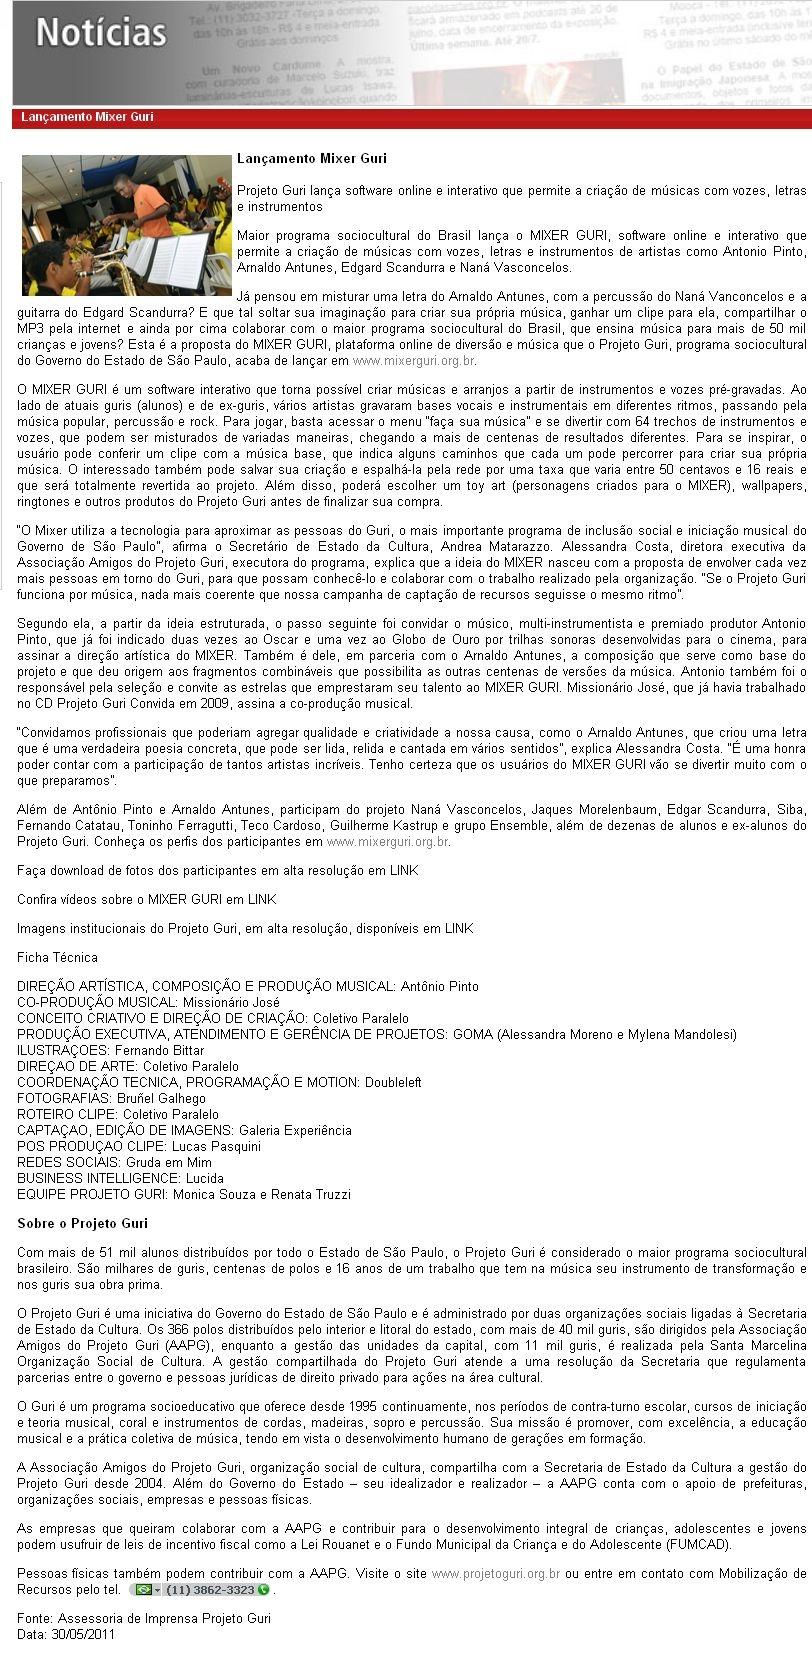 300511_secretaria-de-estado-da-cultura_lancmento-mixer-guri